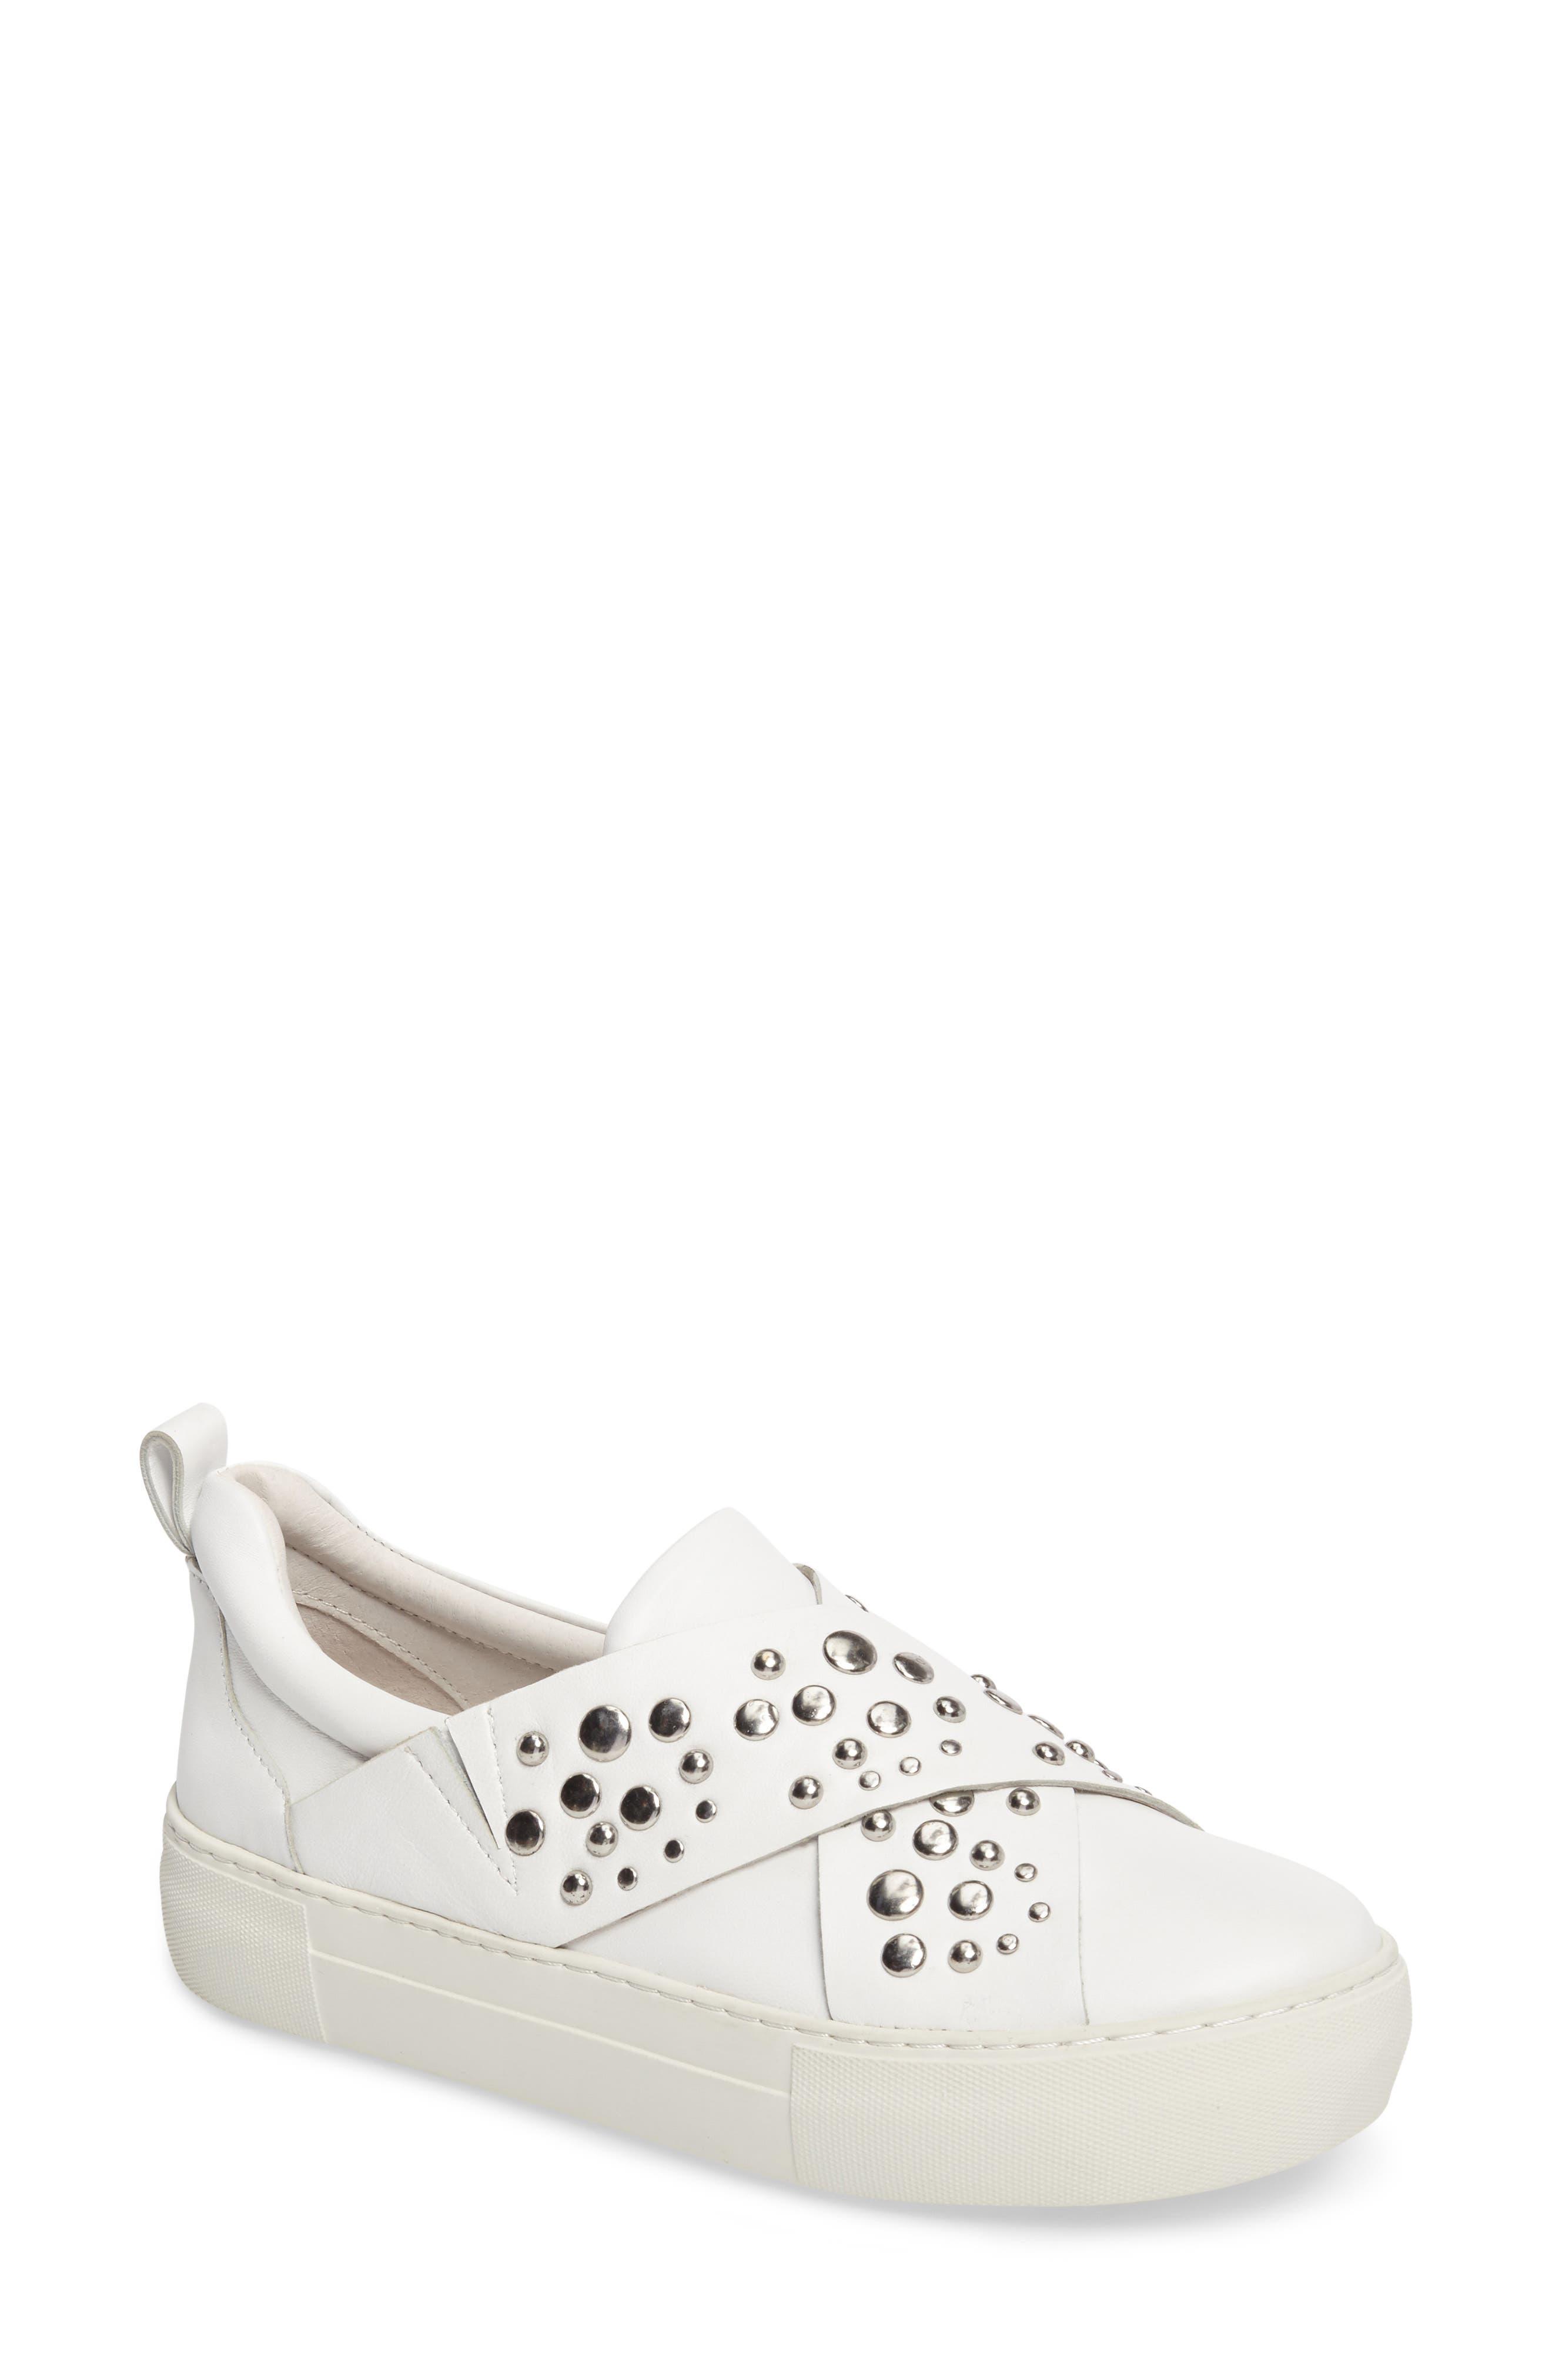 Jslides Anteek Slip-On Sneaker, White